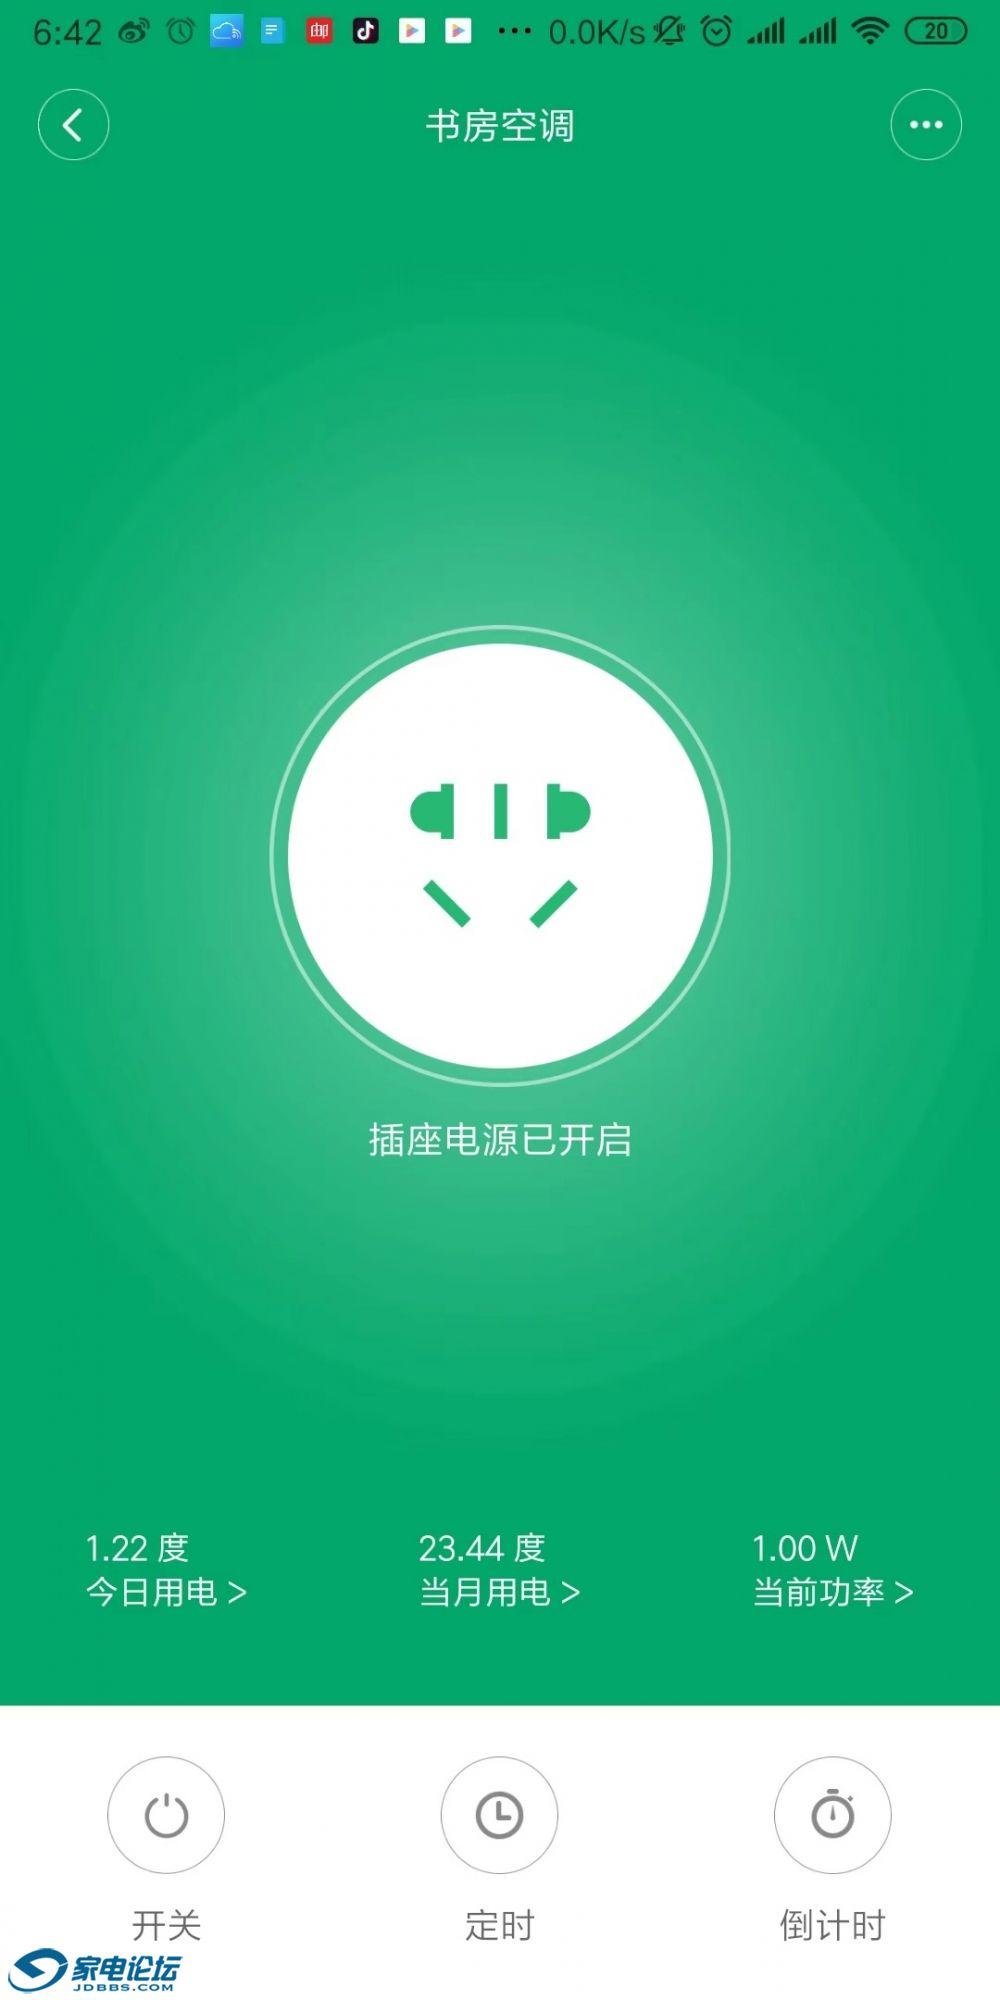 三电FJ09.jpg